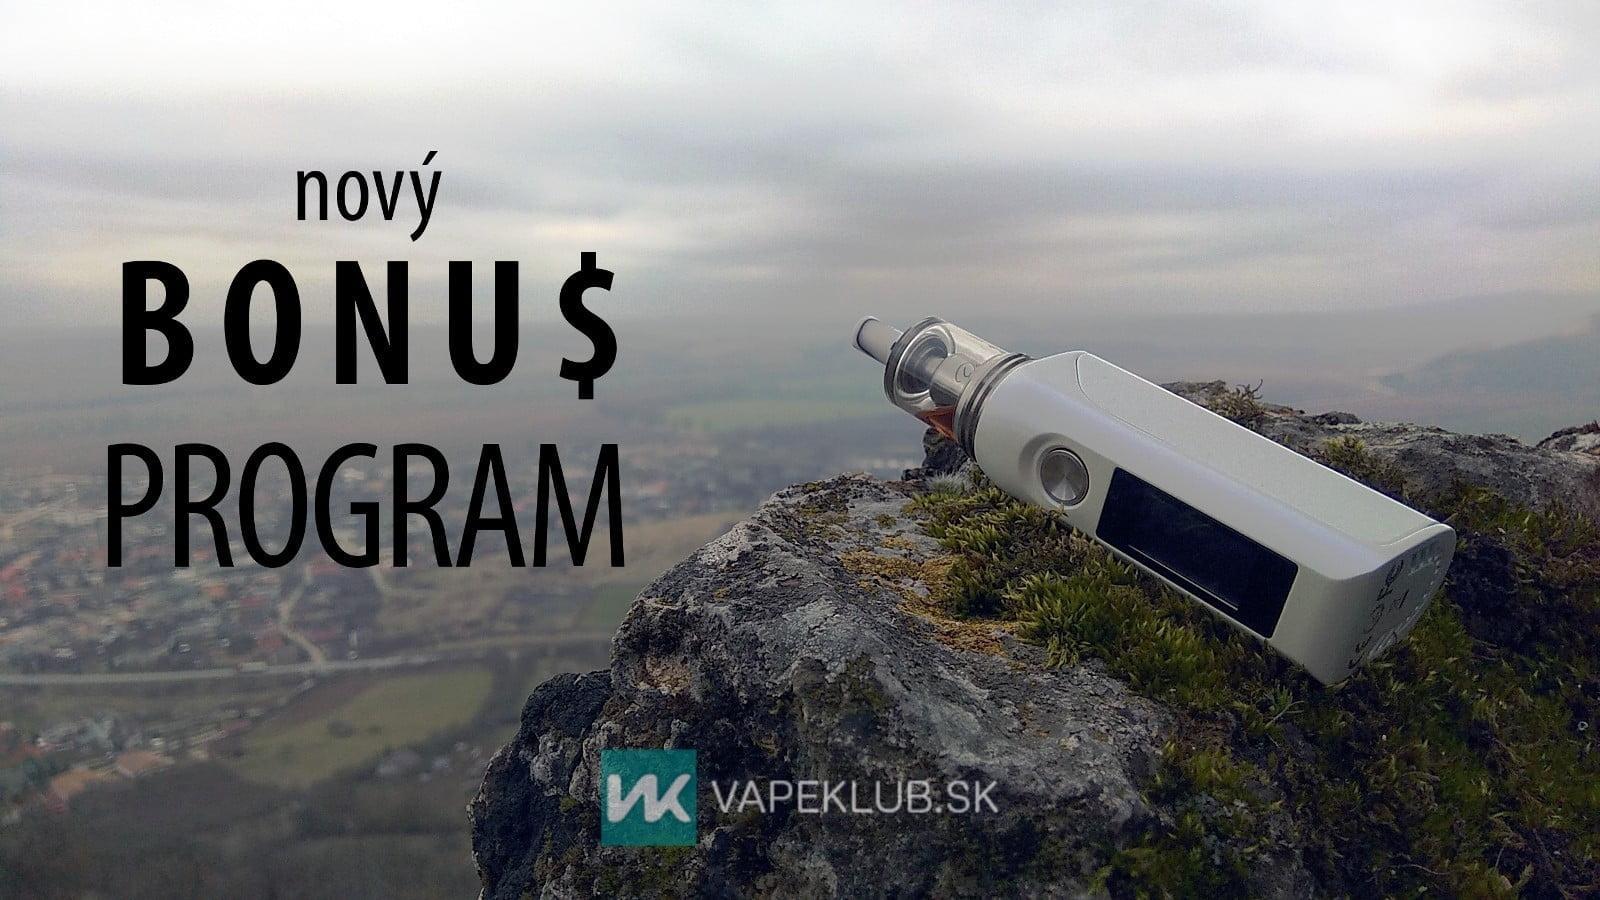 Bonus Program Vapeklub SK